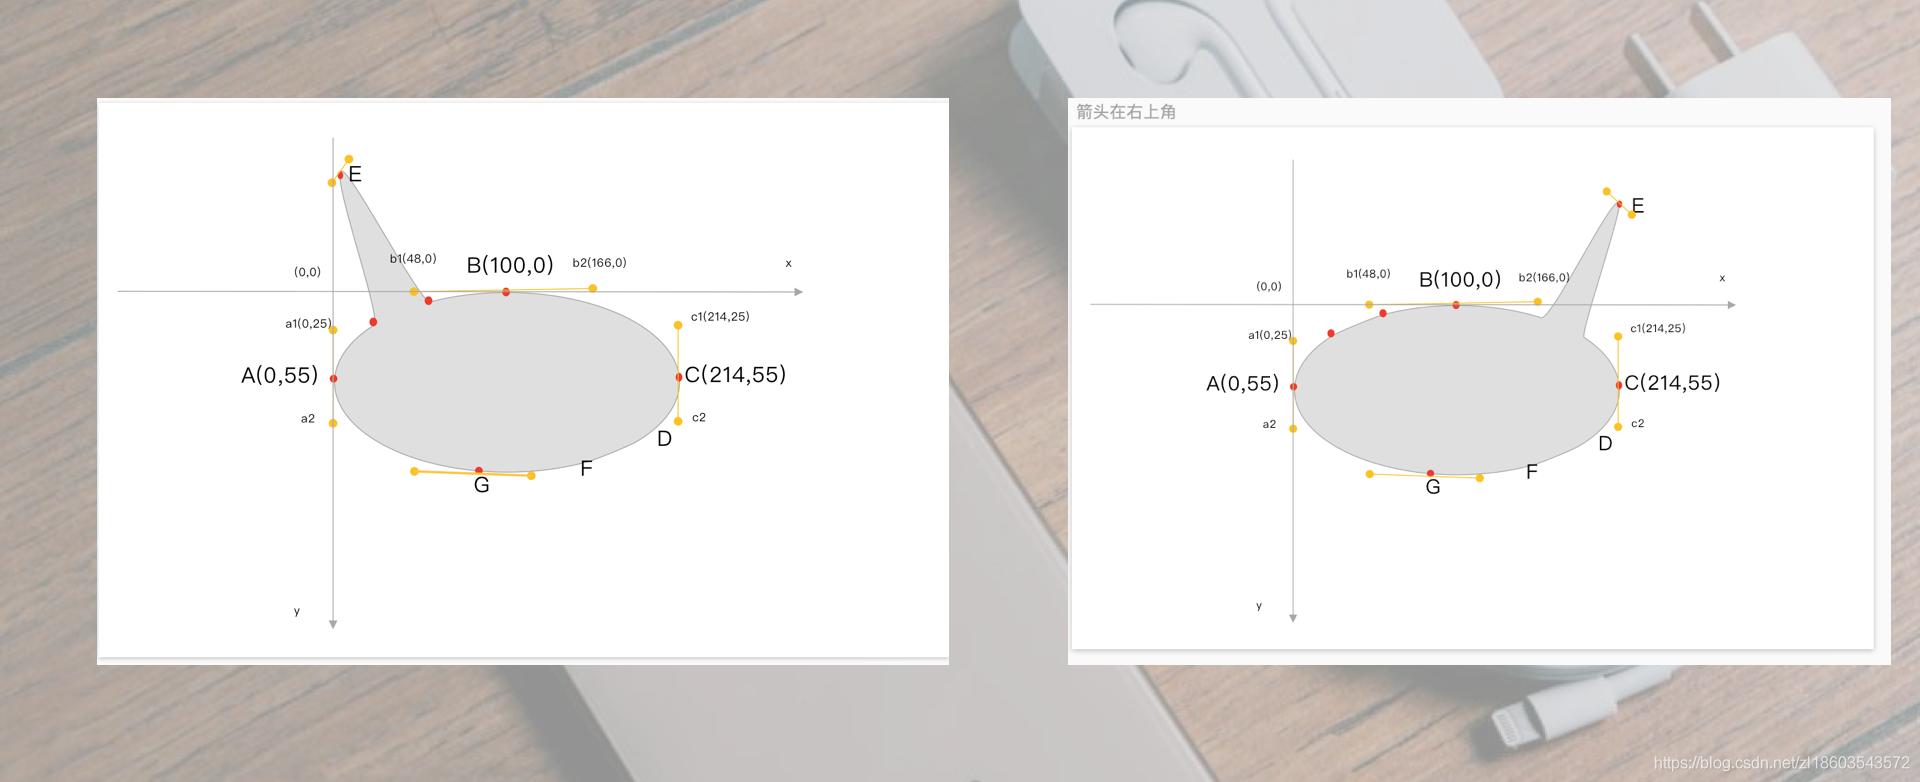 气泡箭头坐标分析图1